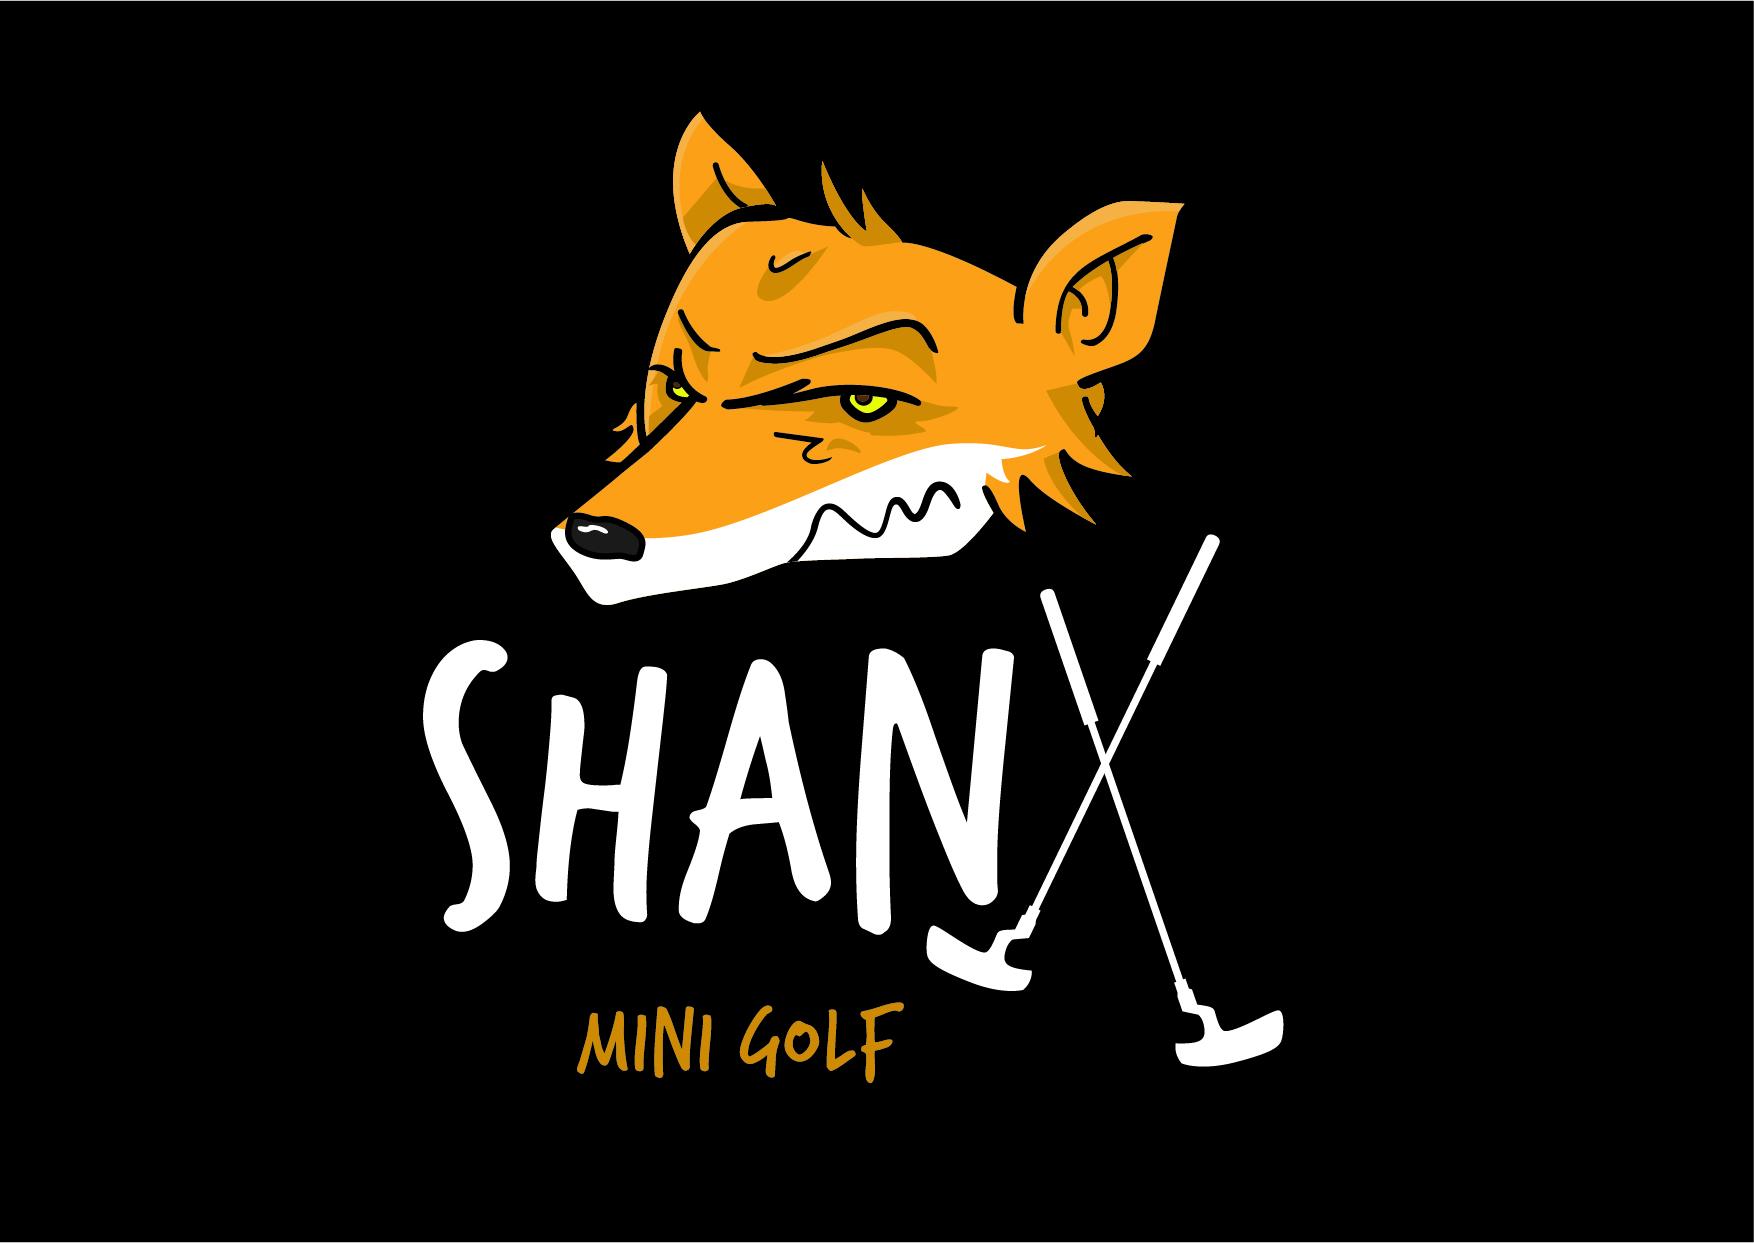 Shanx mini golf